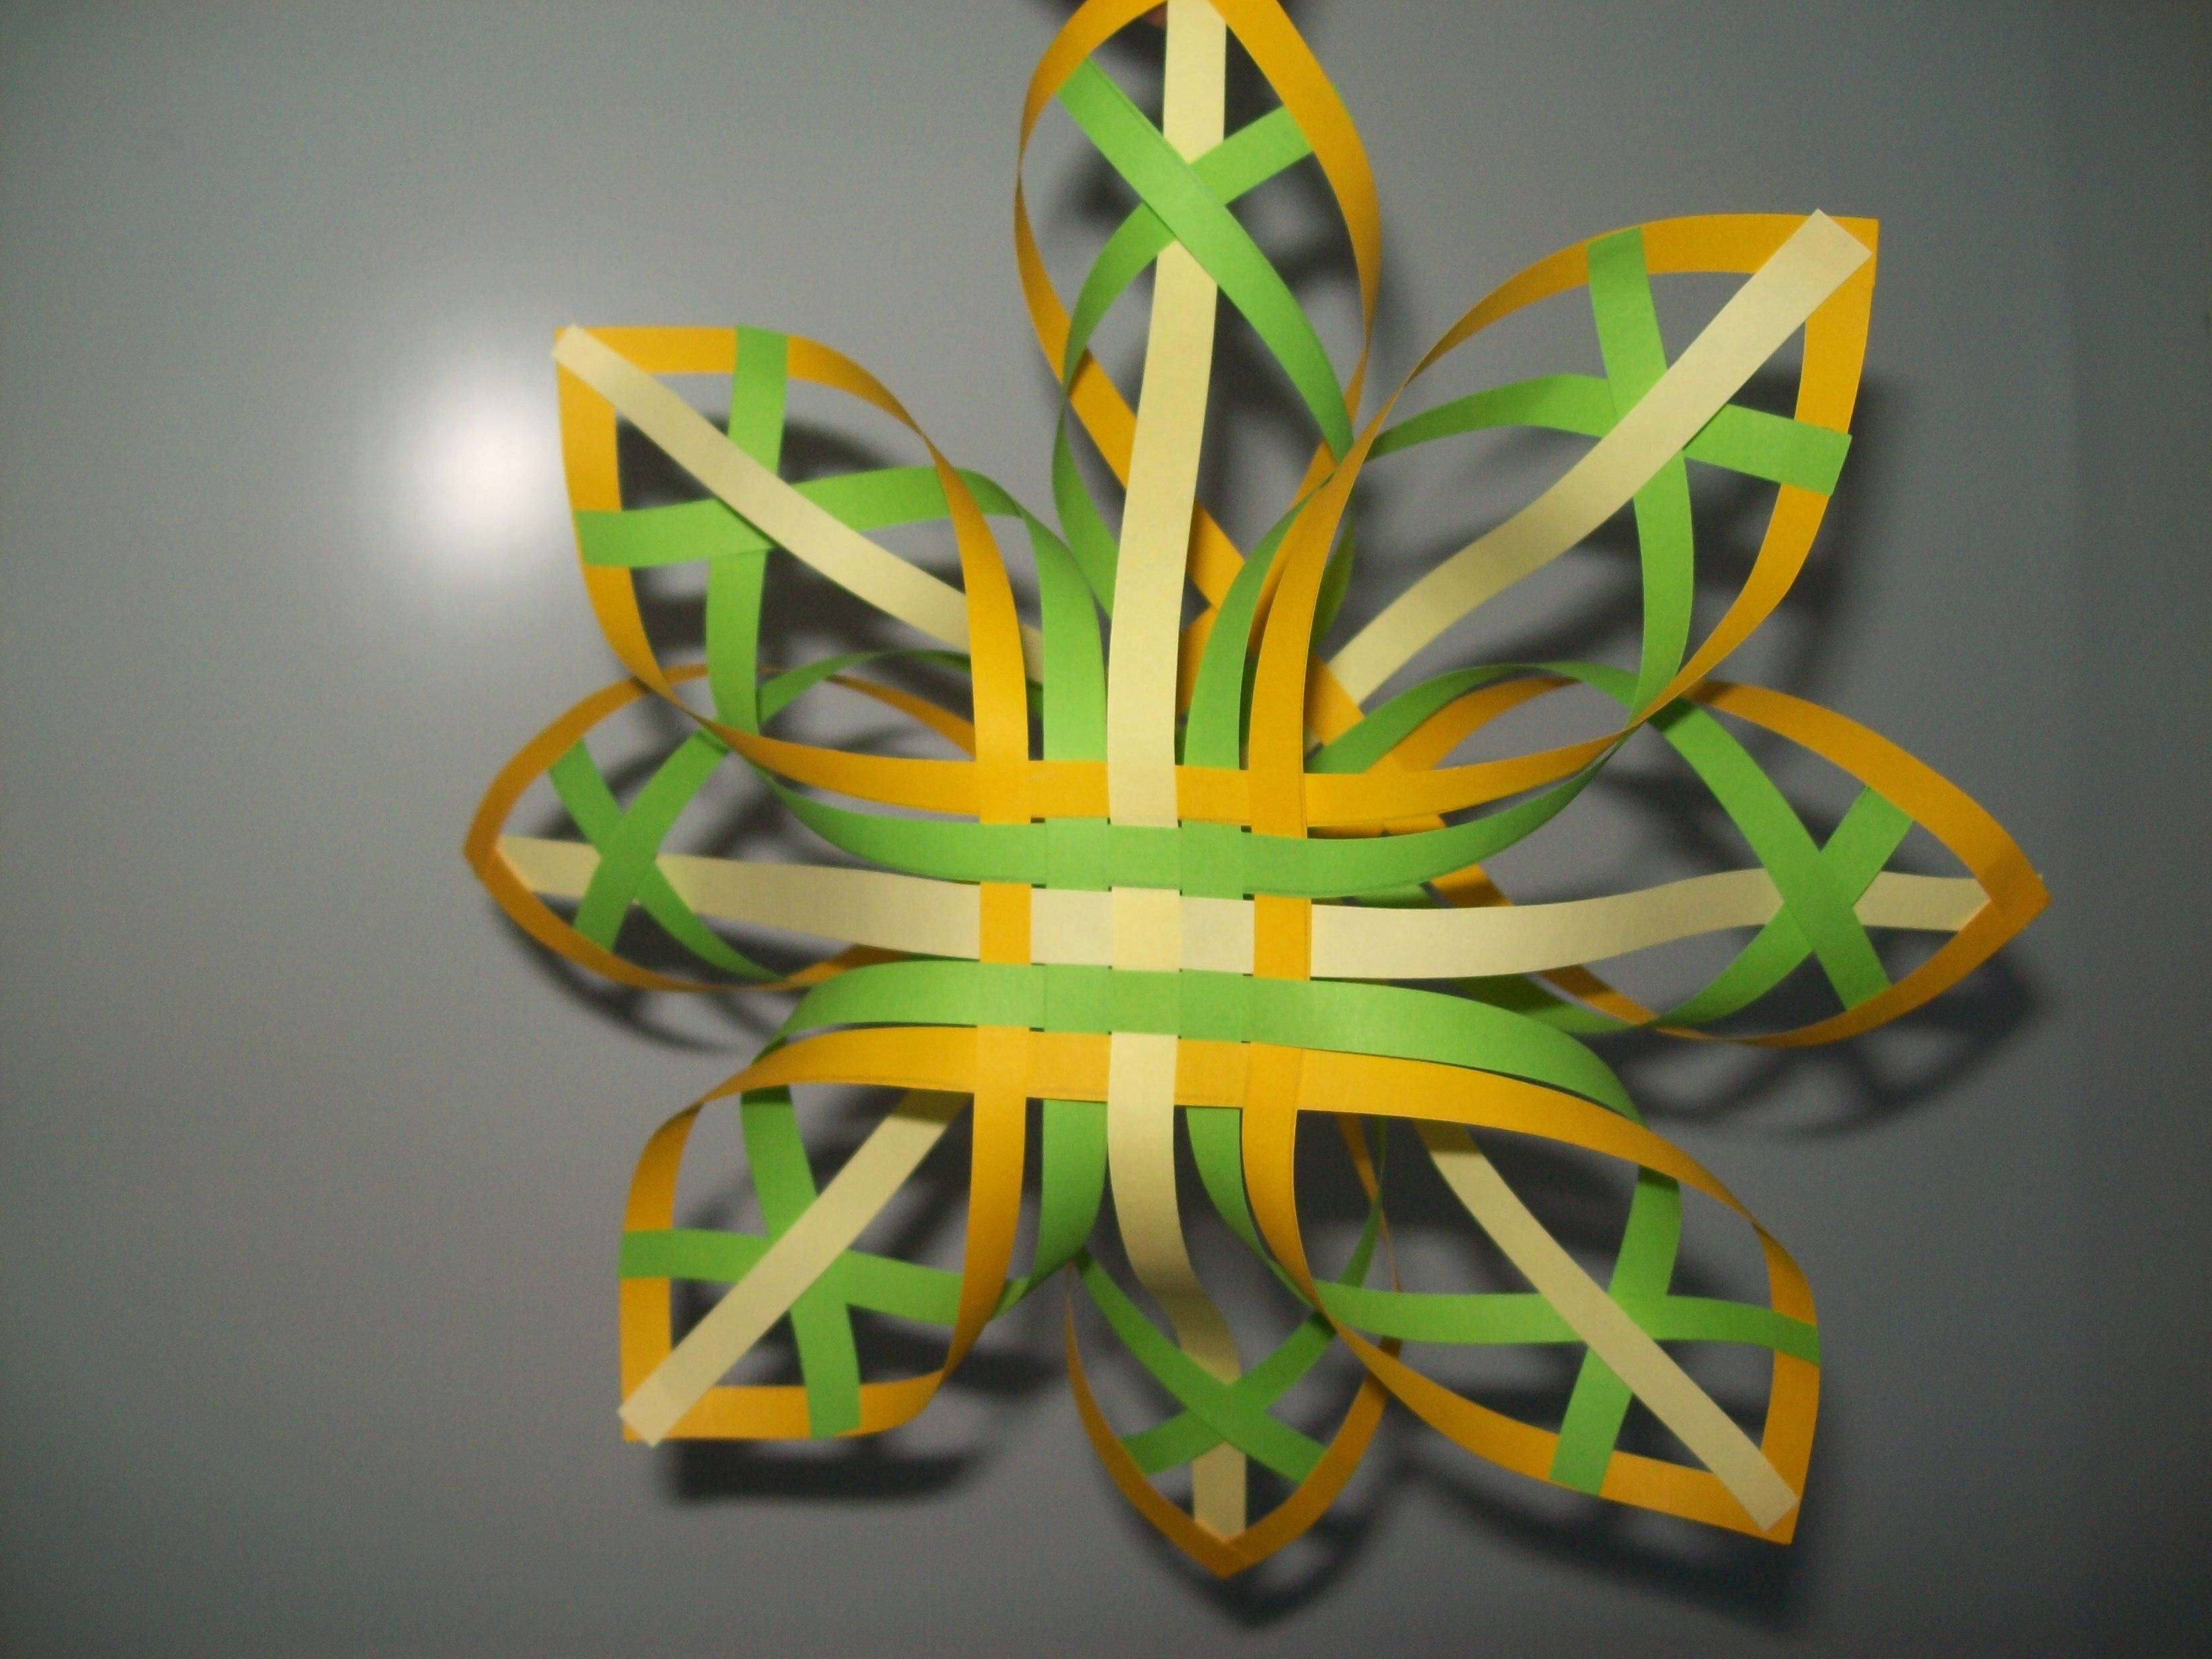 Как сделать объемную снежинку из полосок бумаги - карточка от пользователя irina.danishevskaja в Яндекс.Коллекциях